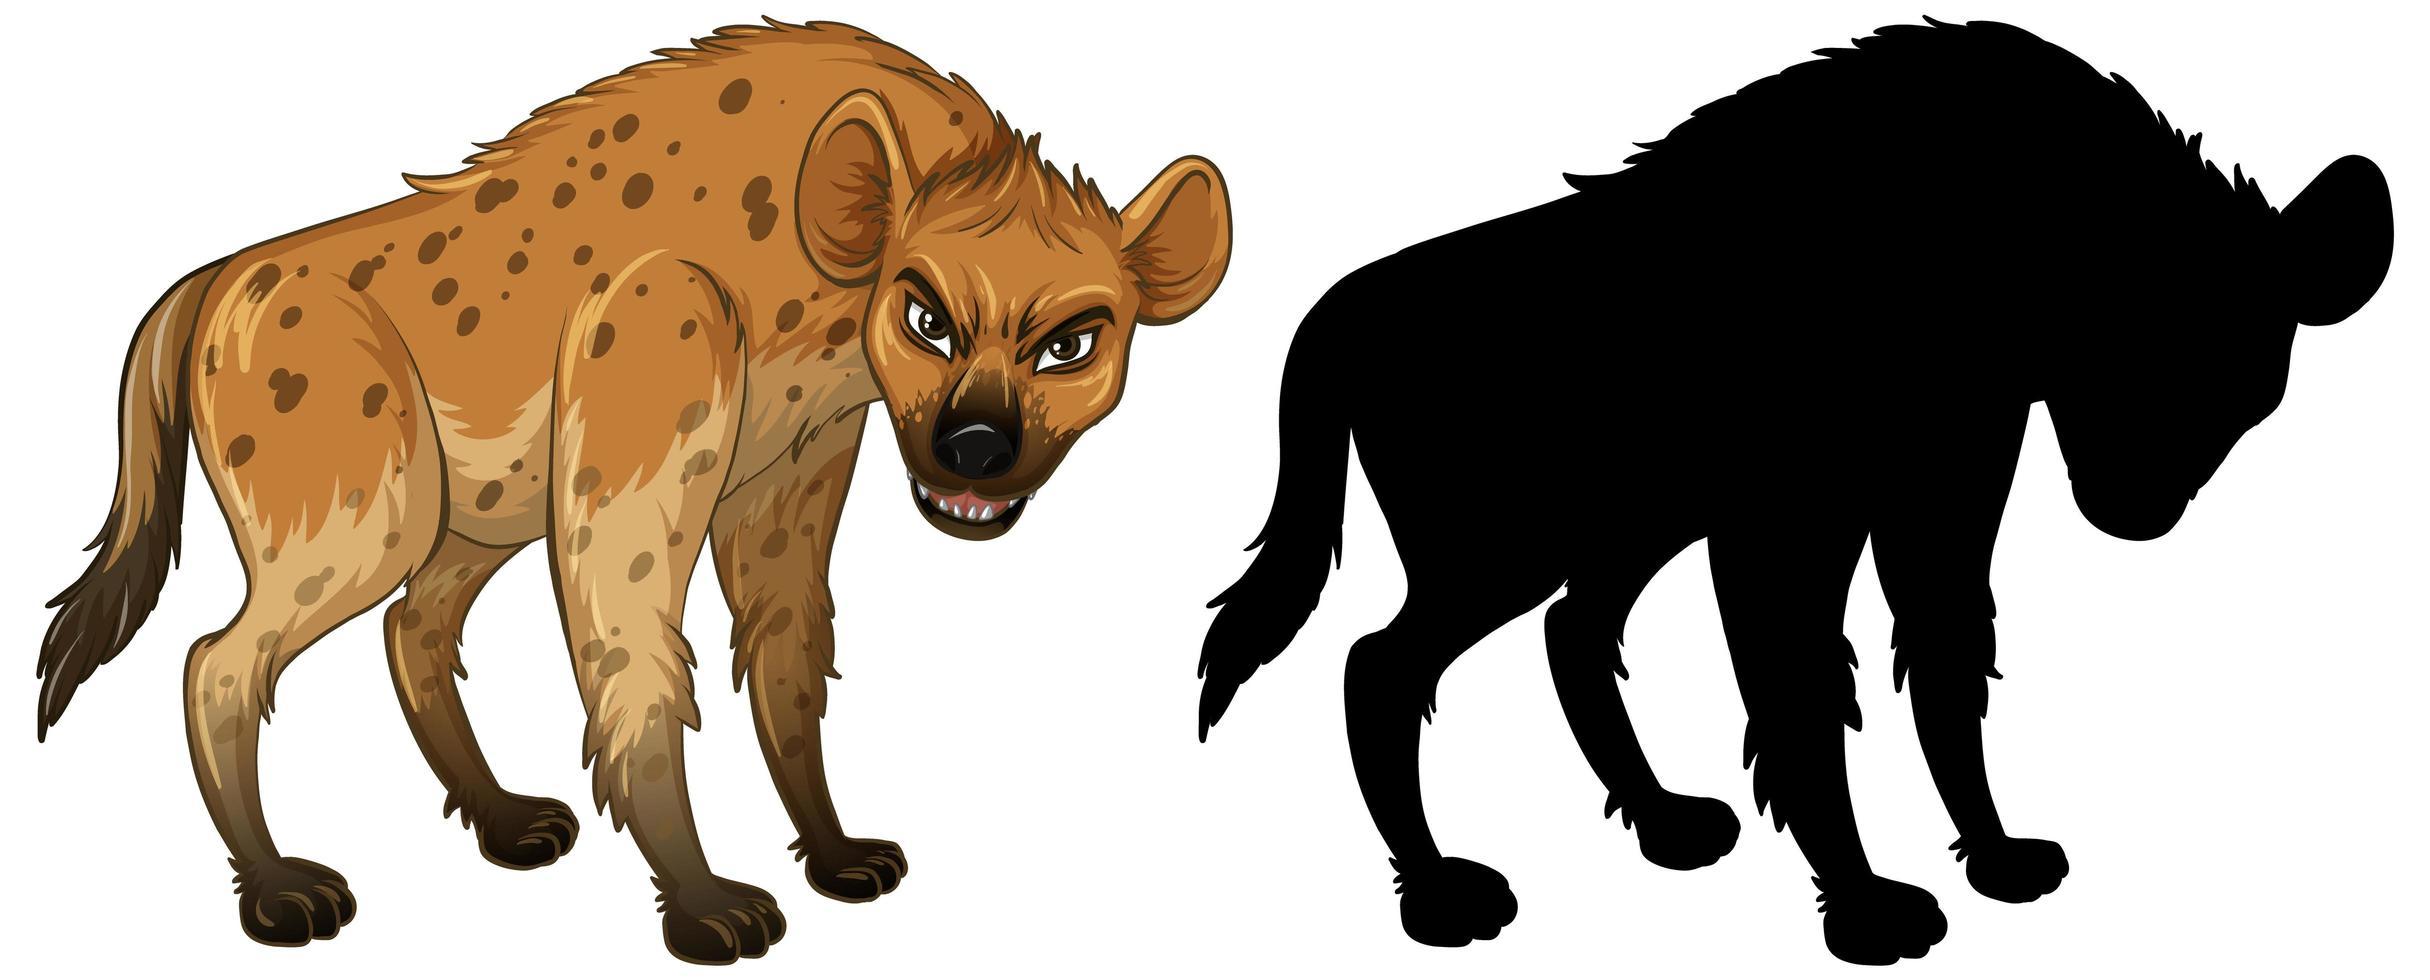 hyenakarakter en zijn silhouet op witte achtergrond vector